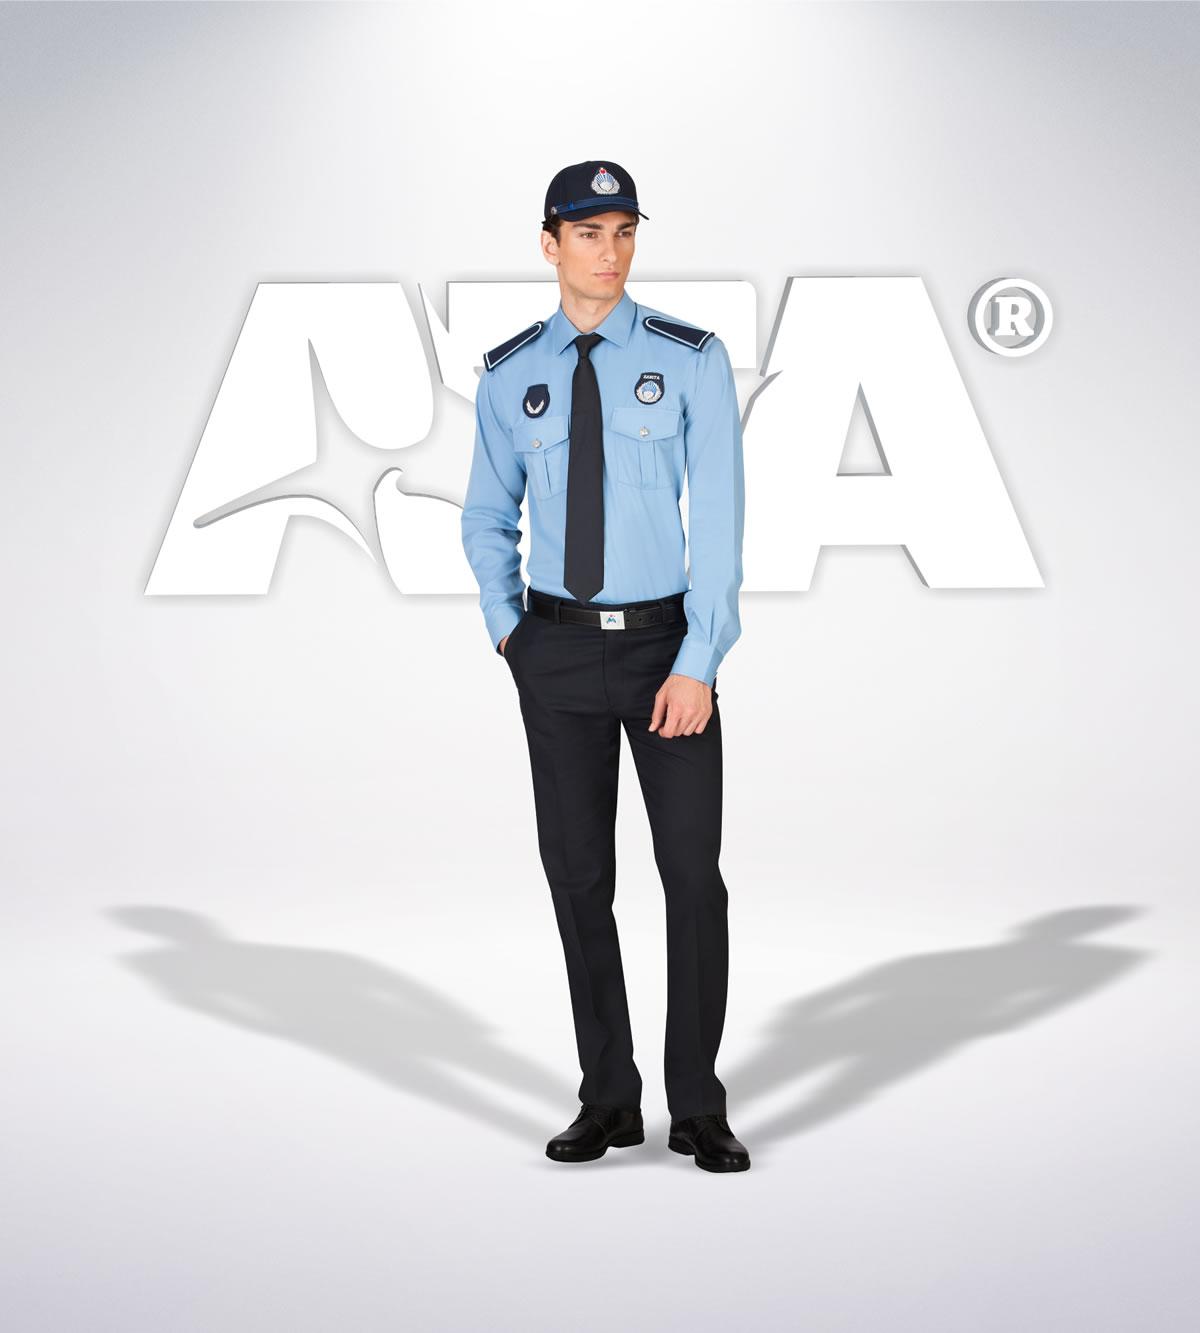 ATA 205 - Pantolon kışlık - gömlek yazlık kışlık - aksesuar - zabıta elbiseleri | zabıta üniformaları | zabıta kıyafetleri